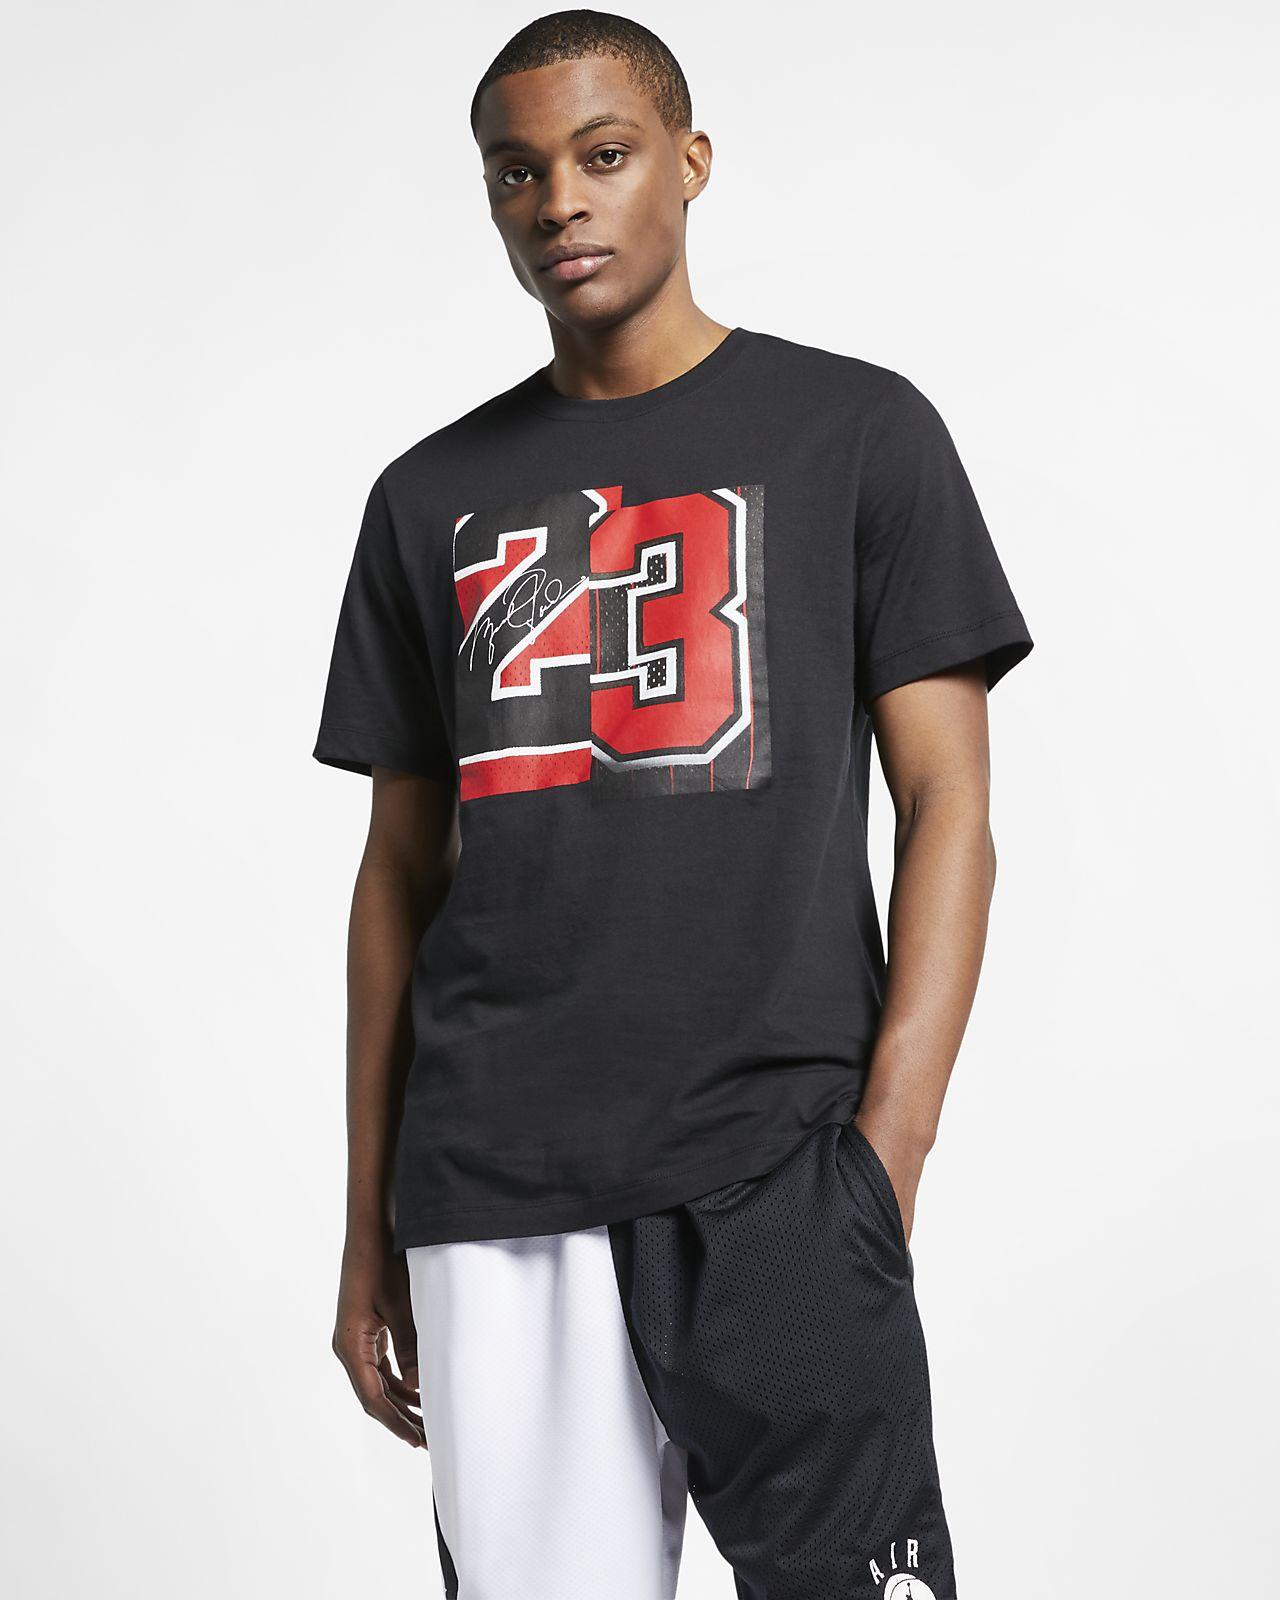 Jordan Slash 23 男子T恤